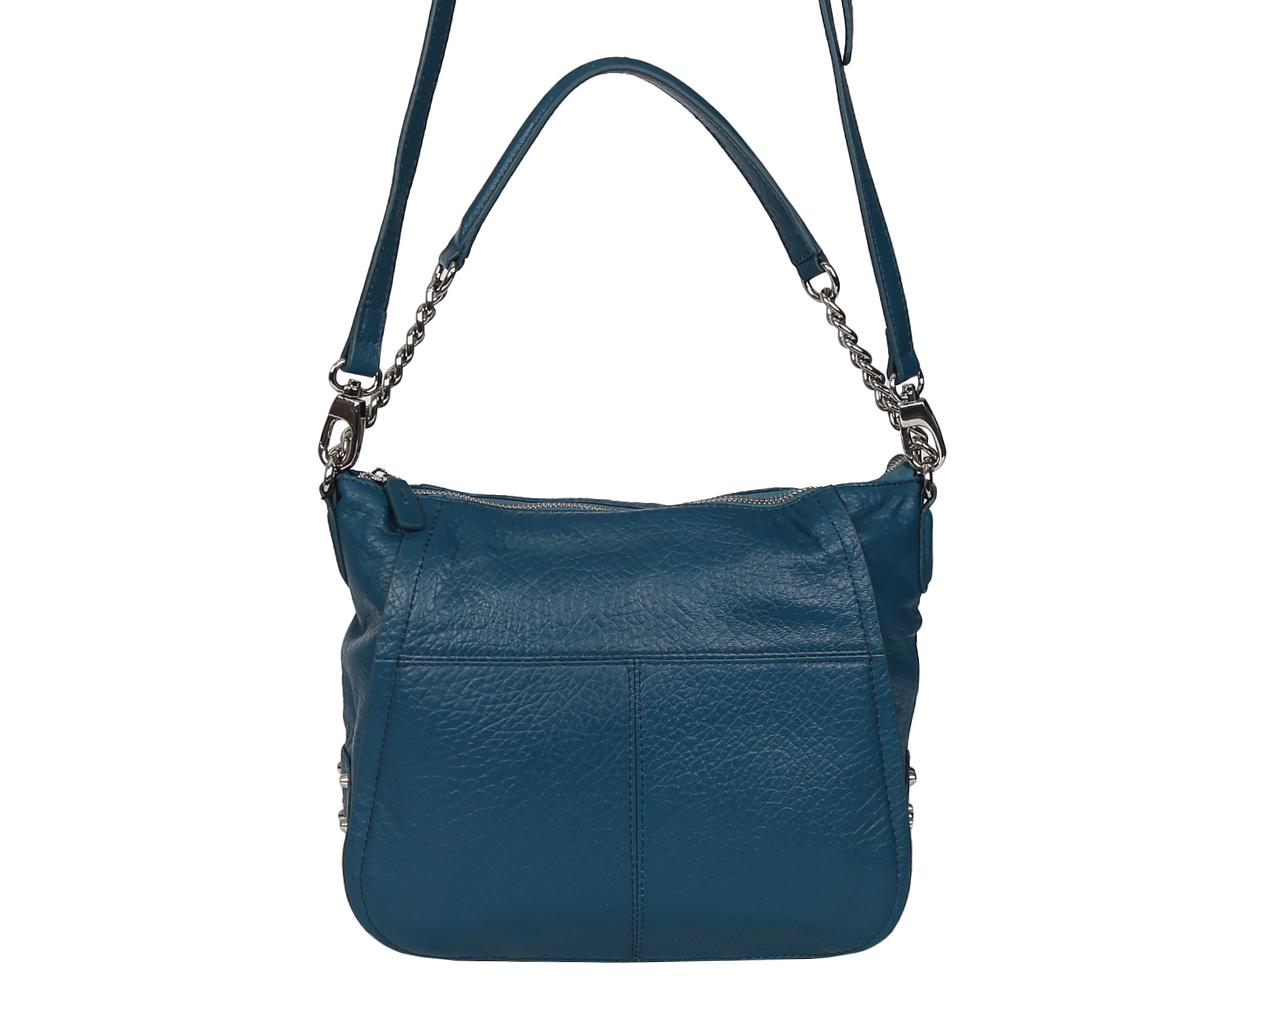 Сумка женская Fabretti, цвет: синий. F5202F5202-d.blueЭлегантная сумка Fabretti выполнена из натуральной кожи с зернистой фактурой, оформлена металлической фурнитурой. Изделие содержит отделение, которое закрывается на молнию. Внутри расположены два накладных кармана для телефона или всяких мелочей, врезной карман на молнии и карман-средник на молнии. Сумка оснащена практичной ручкой, которая крепится к основанию изделия при помощи металлической фурнитуры, и съемным плечевым ремнем, длина которого регулируется при помощи пряжки. Дно сумки оснащено металлическими ножками. Сумка Fabretti прекрасно дополнит образ и подчеркнет ваш неповторимый стиль.